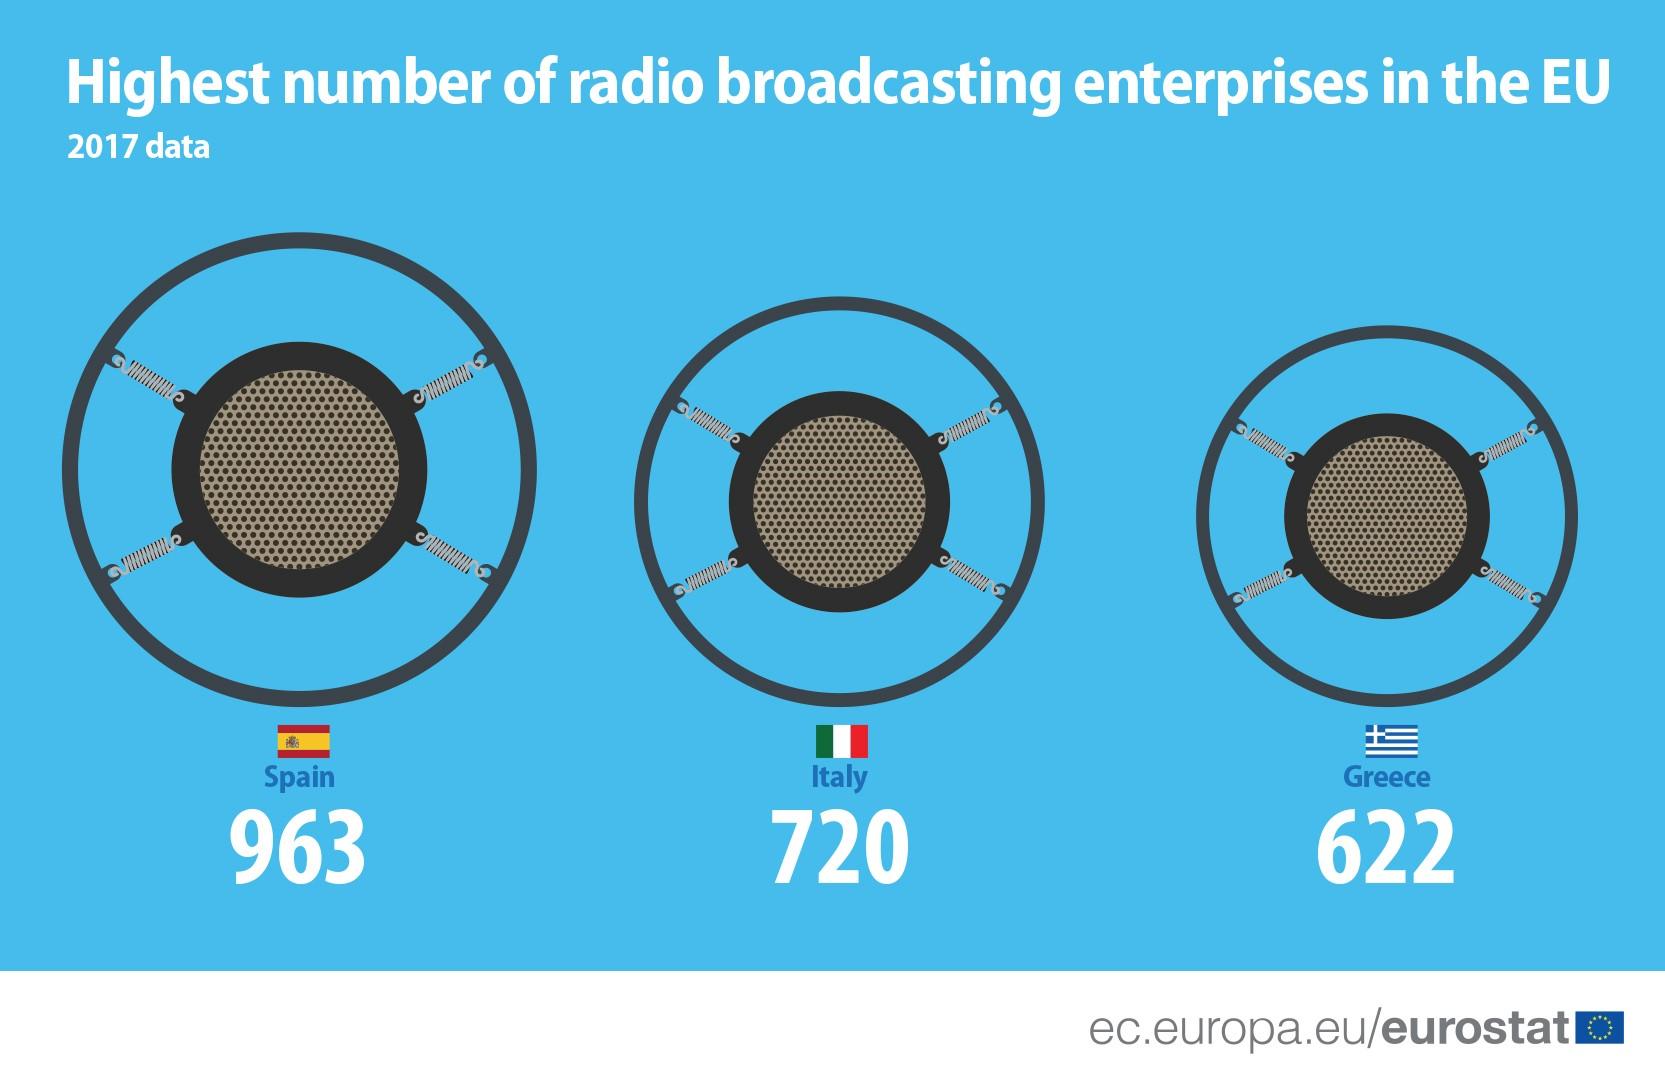 Eurostat Highest number RB enterprises - Radio. Eurostat - Commissione Europea: Broadcasting radiofonico in UE in declino. 29% di ricavi e 300 stazioni in meno tra il 2013 ed il 2017